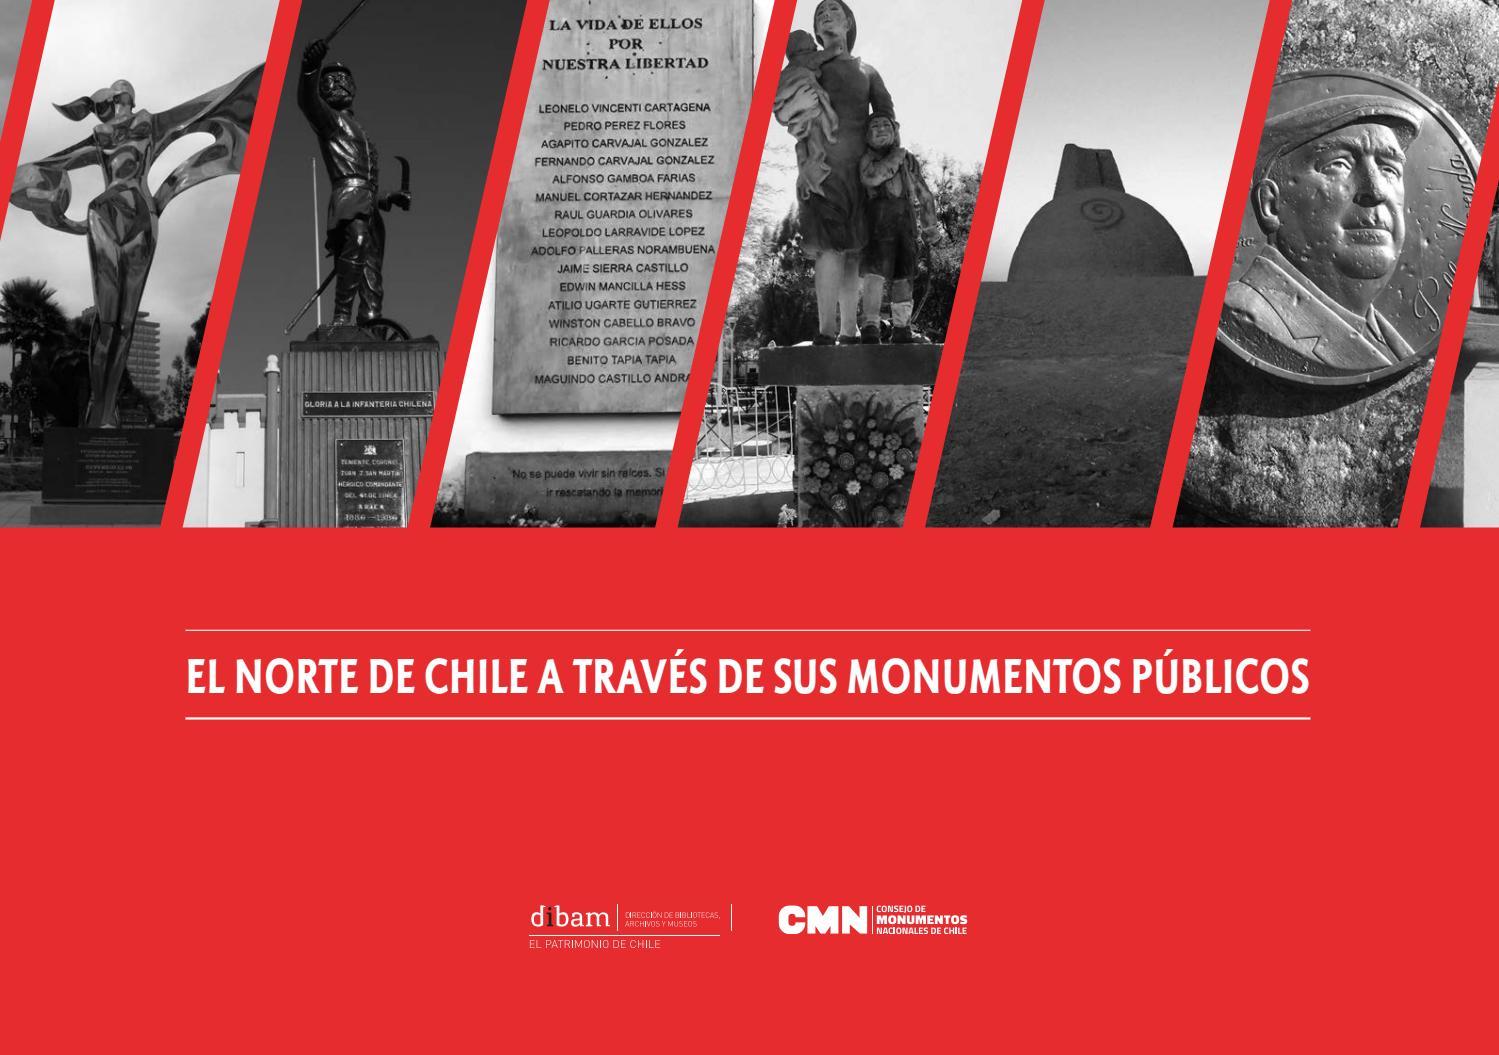 El norte de Chile a través de sus Monumentos Públicos by